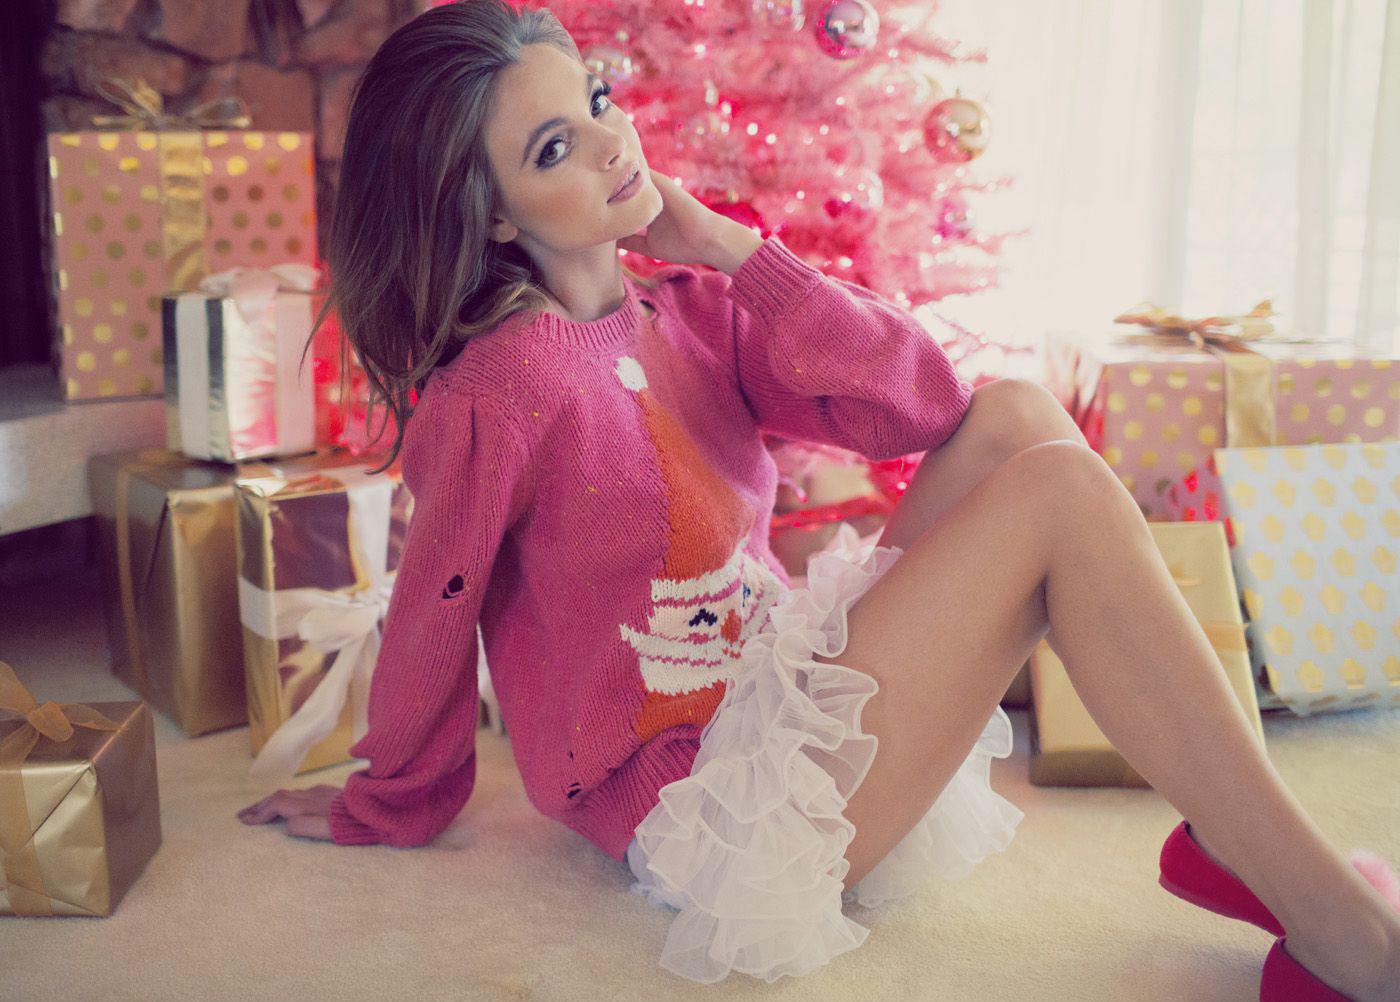 Matrimonio A Natale Come Vestirsi : Come vestirsi a natale idee super glamour just you